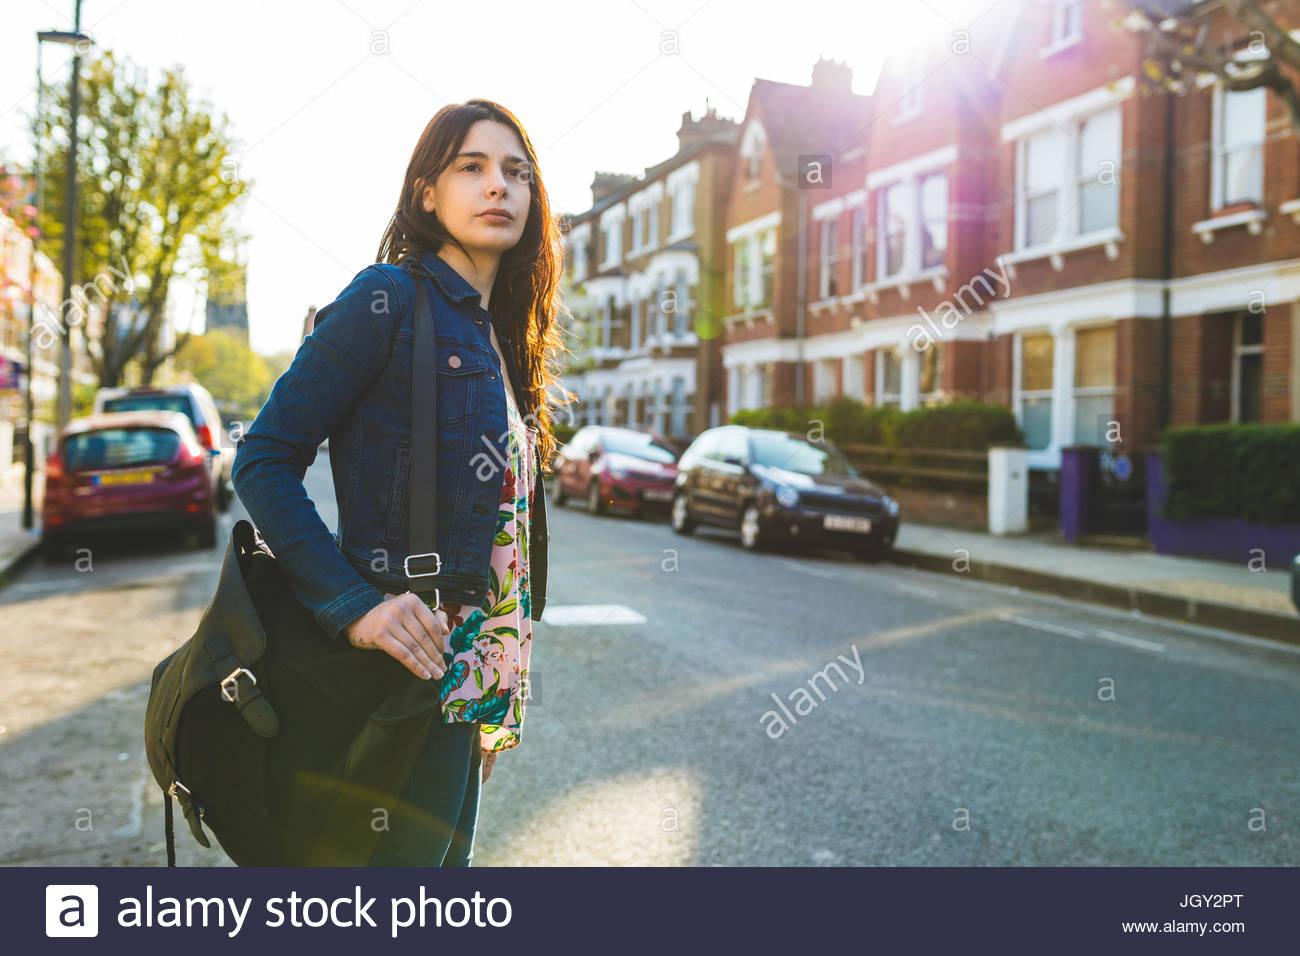 Giovane donna in piedi in strada, guardando verso il basso street Immagini Stock